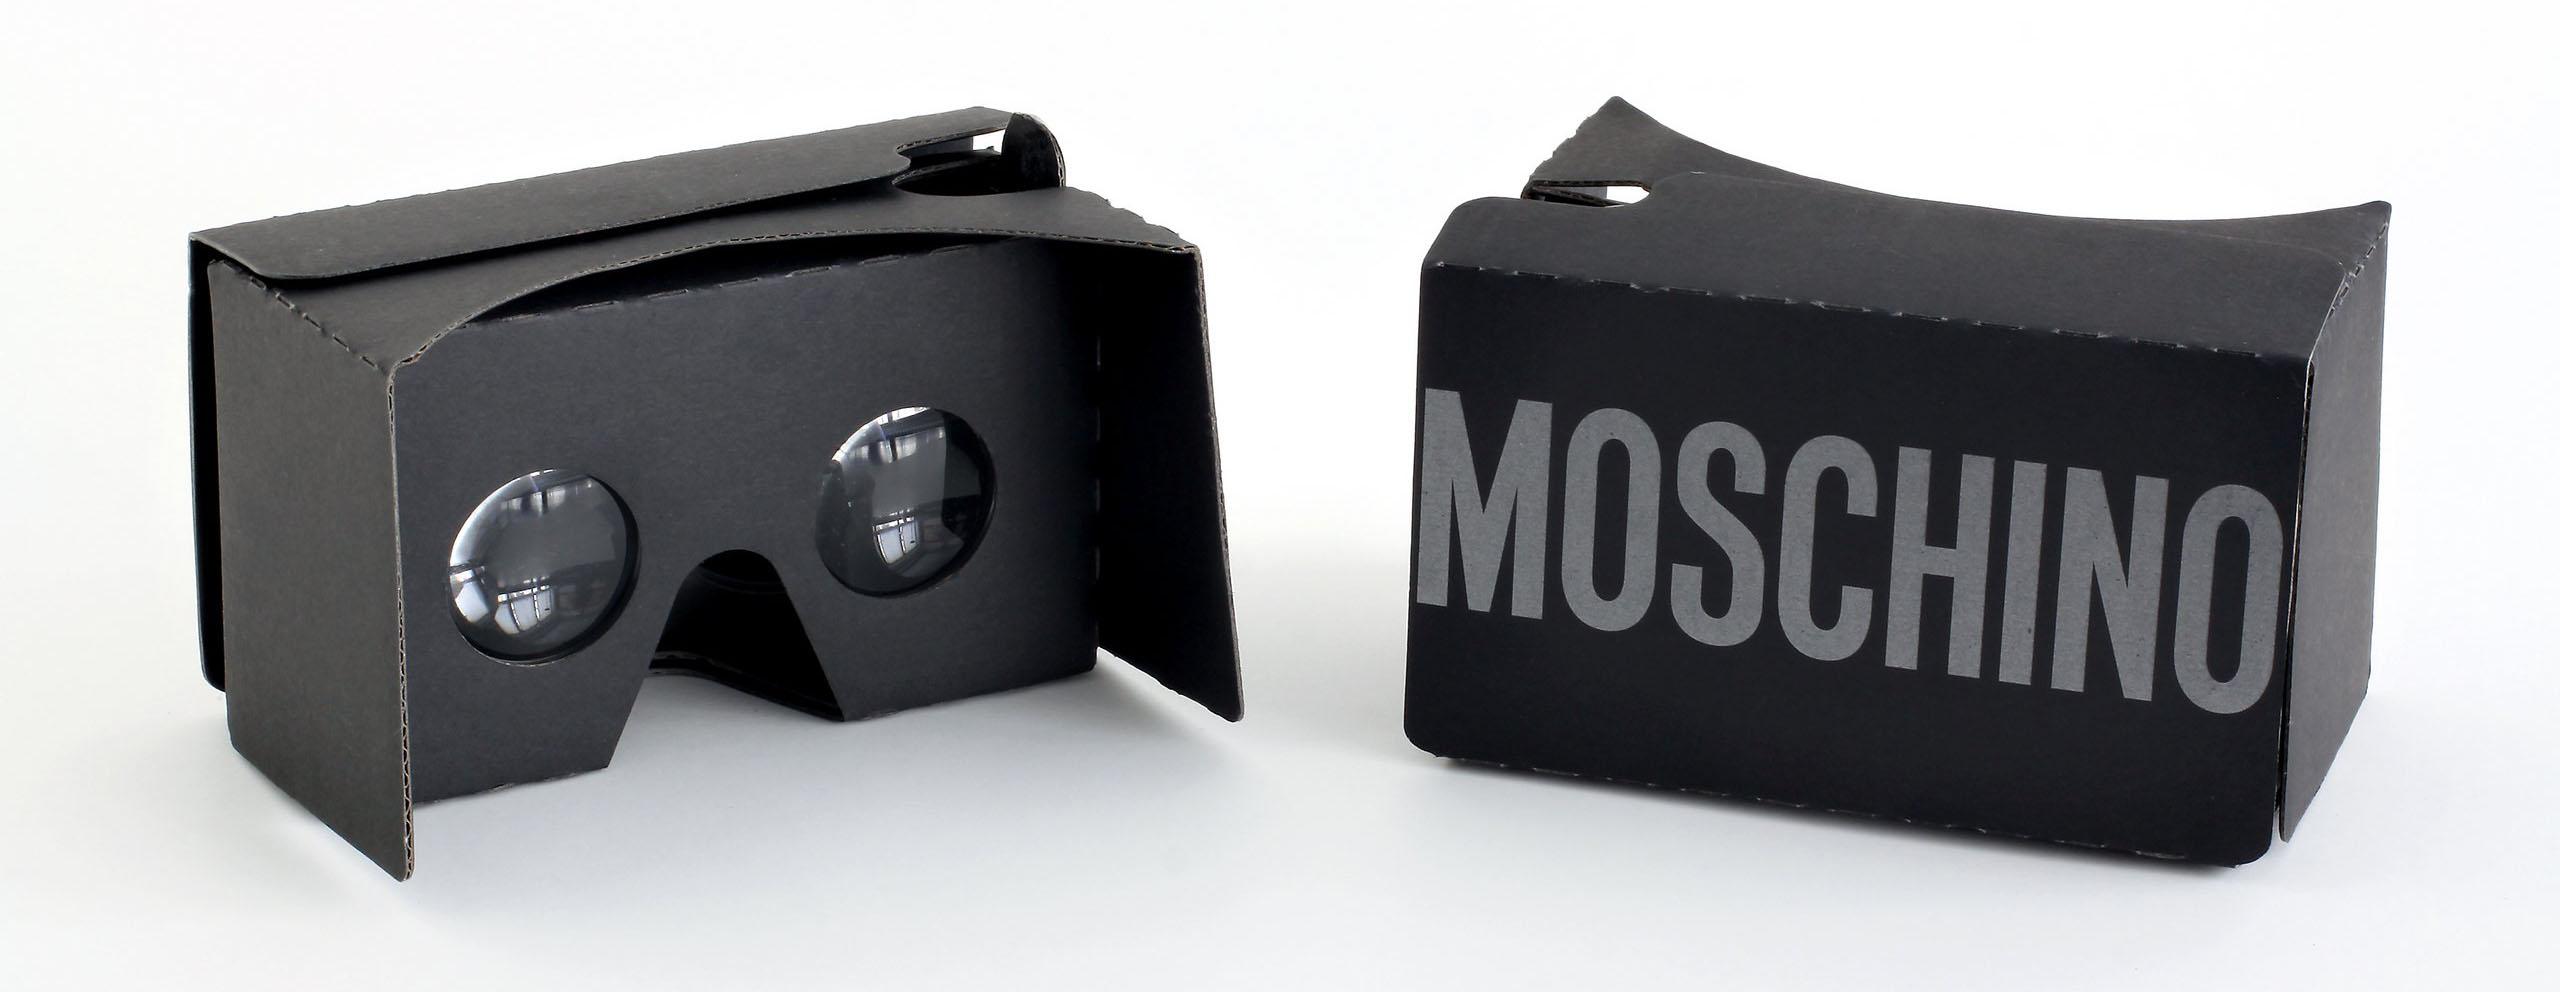 Moschino irá transmitir seu desfile de Primavera Verão 2017 em Realidade Virtual stylo urbano